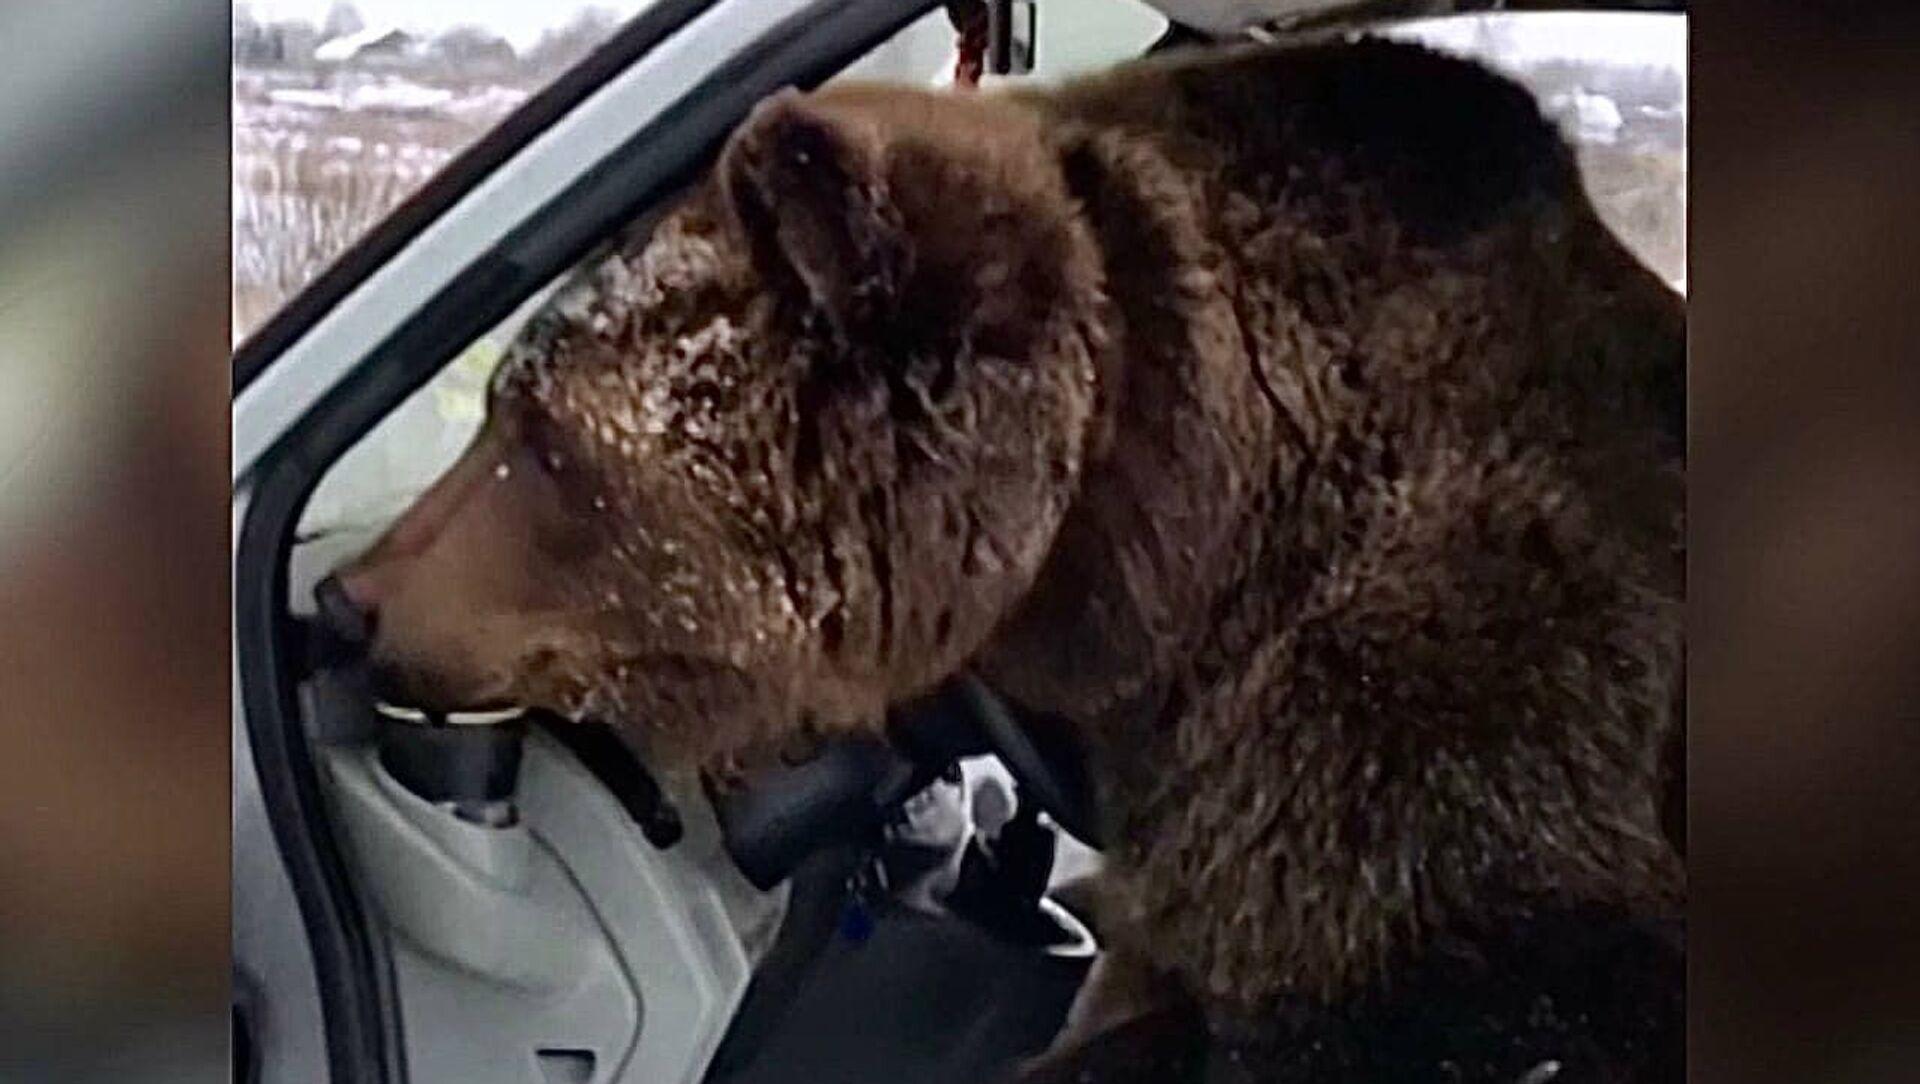 Russia: orso suona il clacson al volante di un furgone - Sputnik Italia, 1920, 15.04.2021